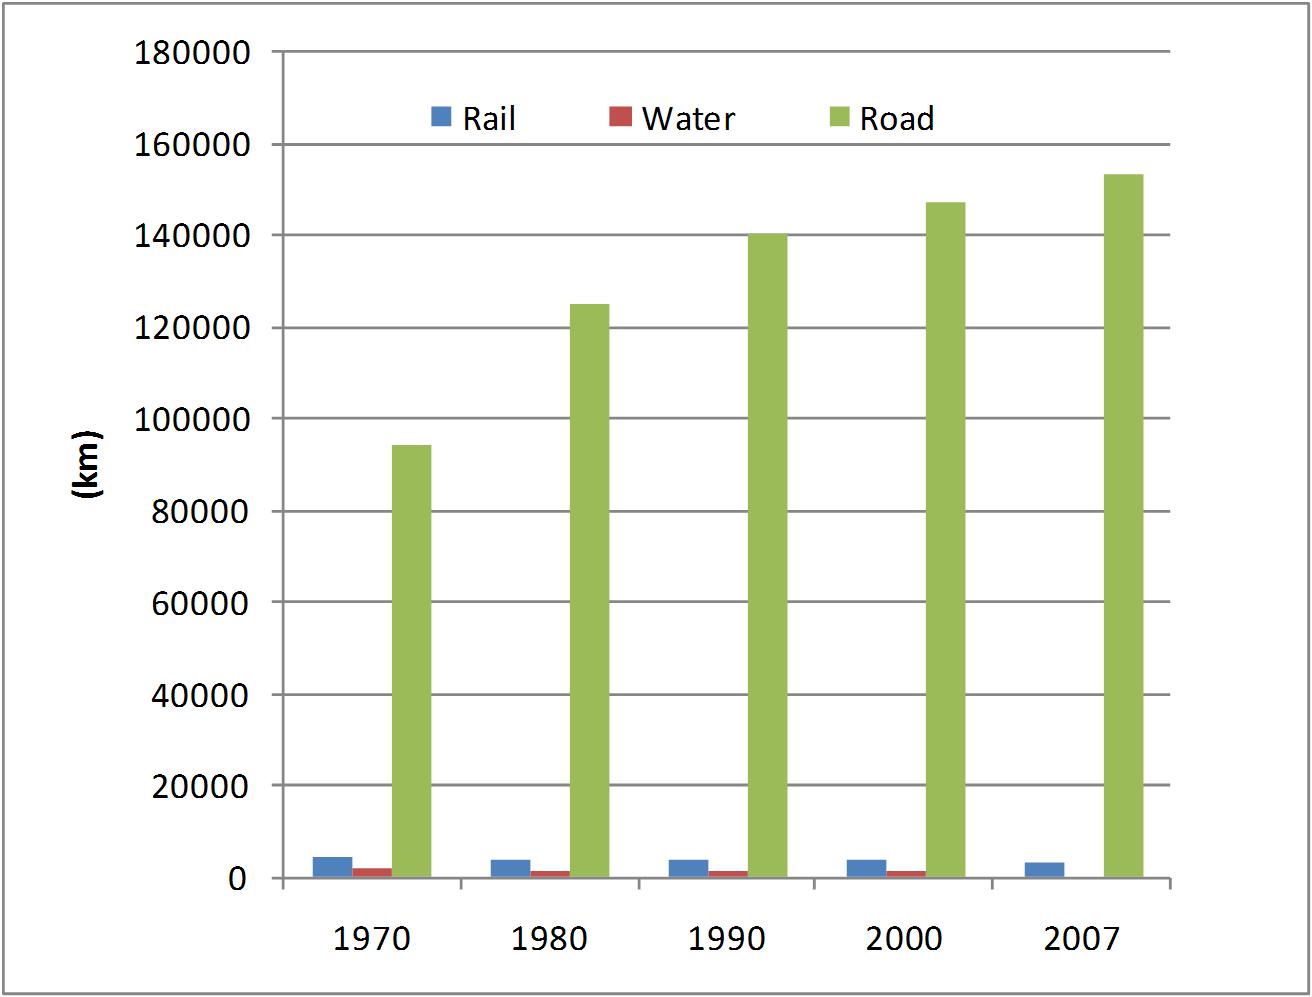 Figure 5: Evolution of transport infrastructure in Belgium, 1970-2007